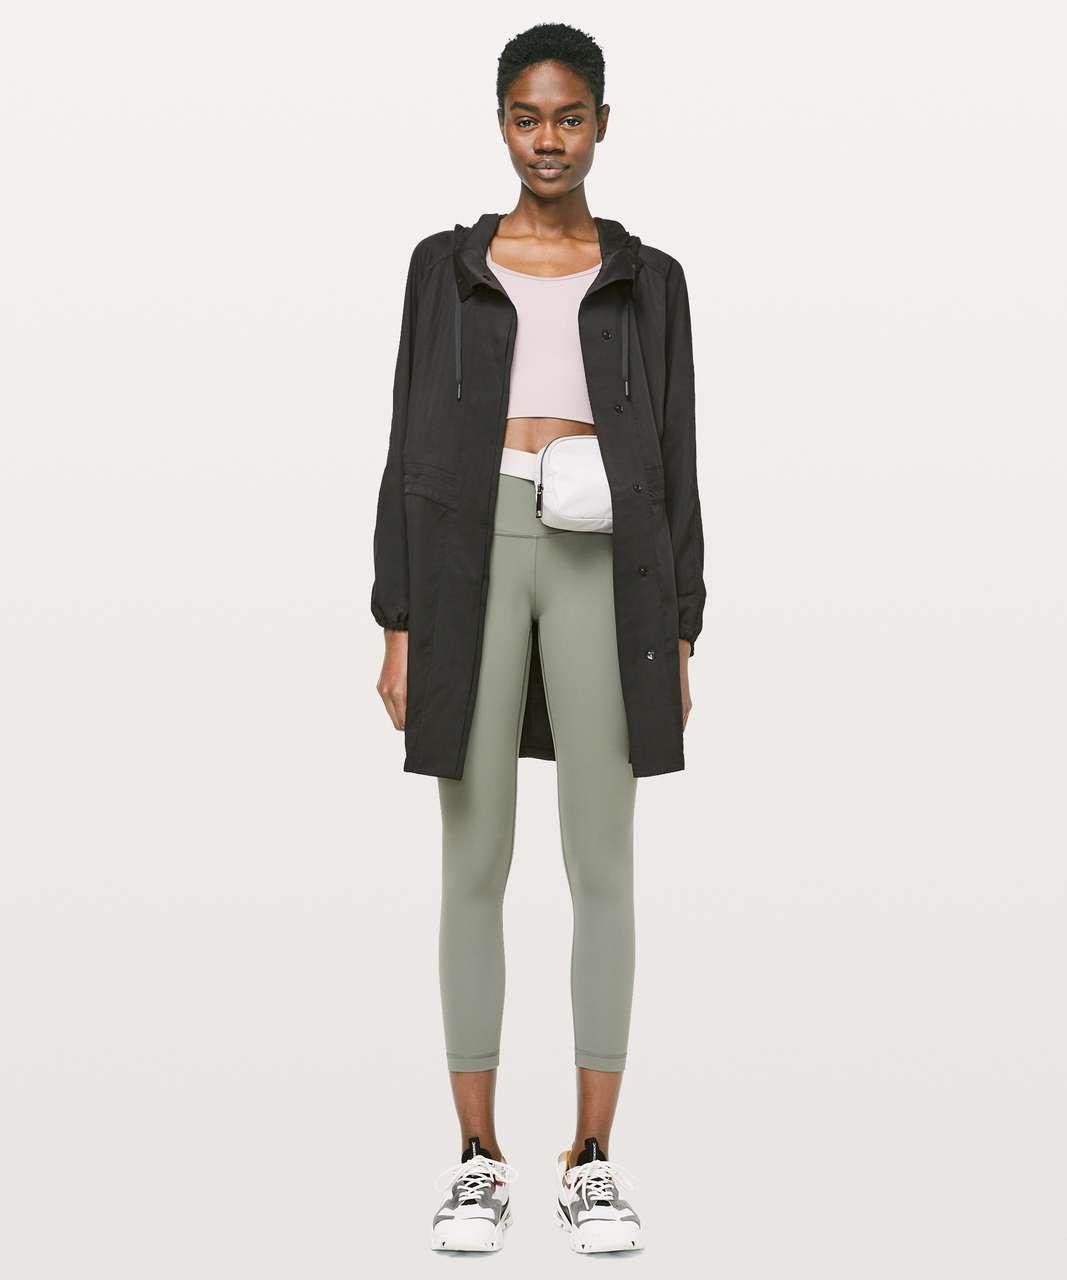 Lululemon City Stroll Jacket - Black